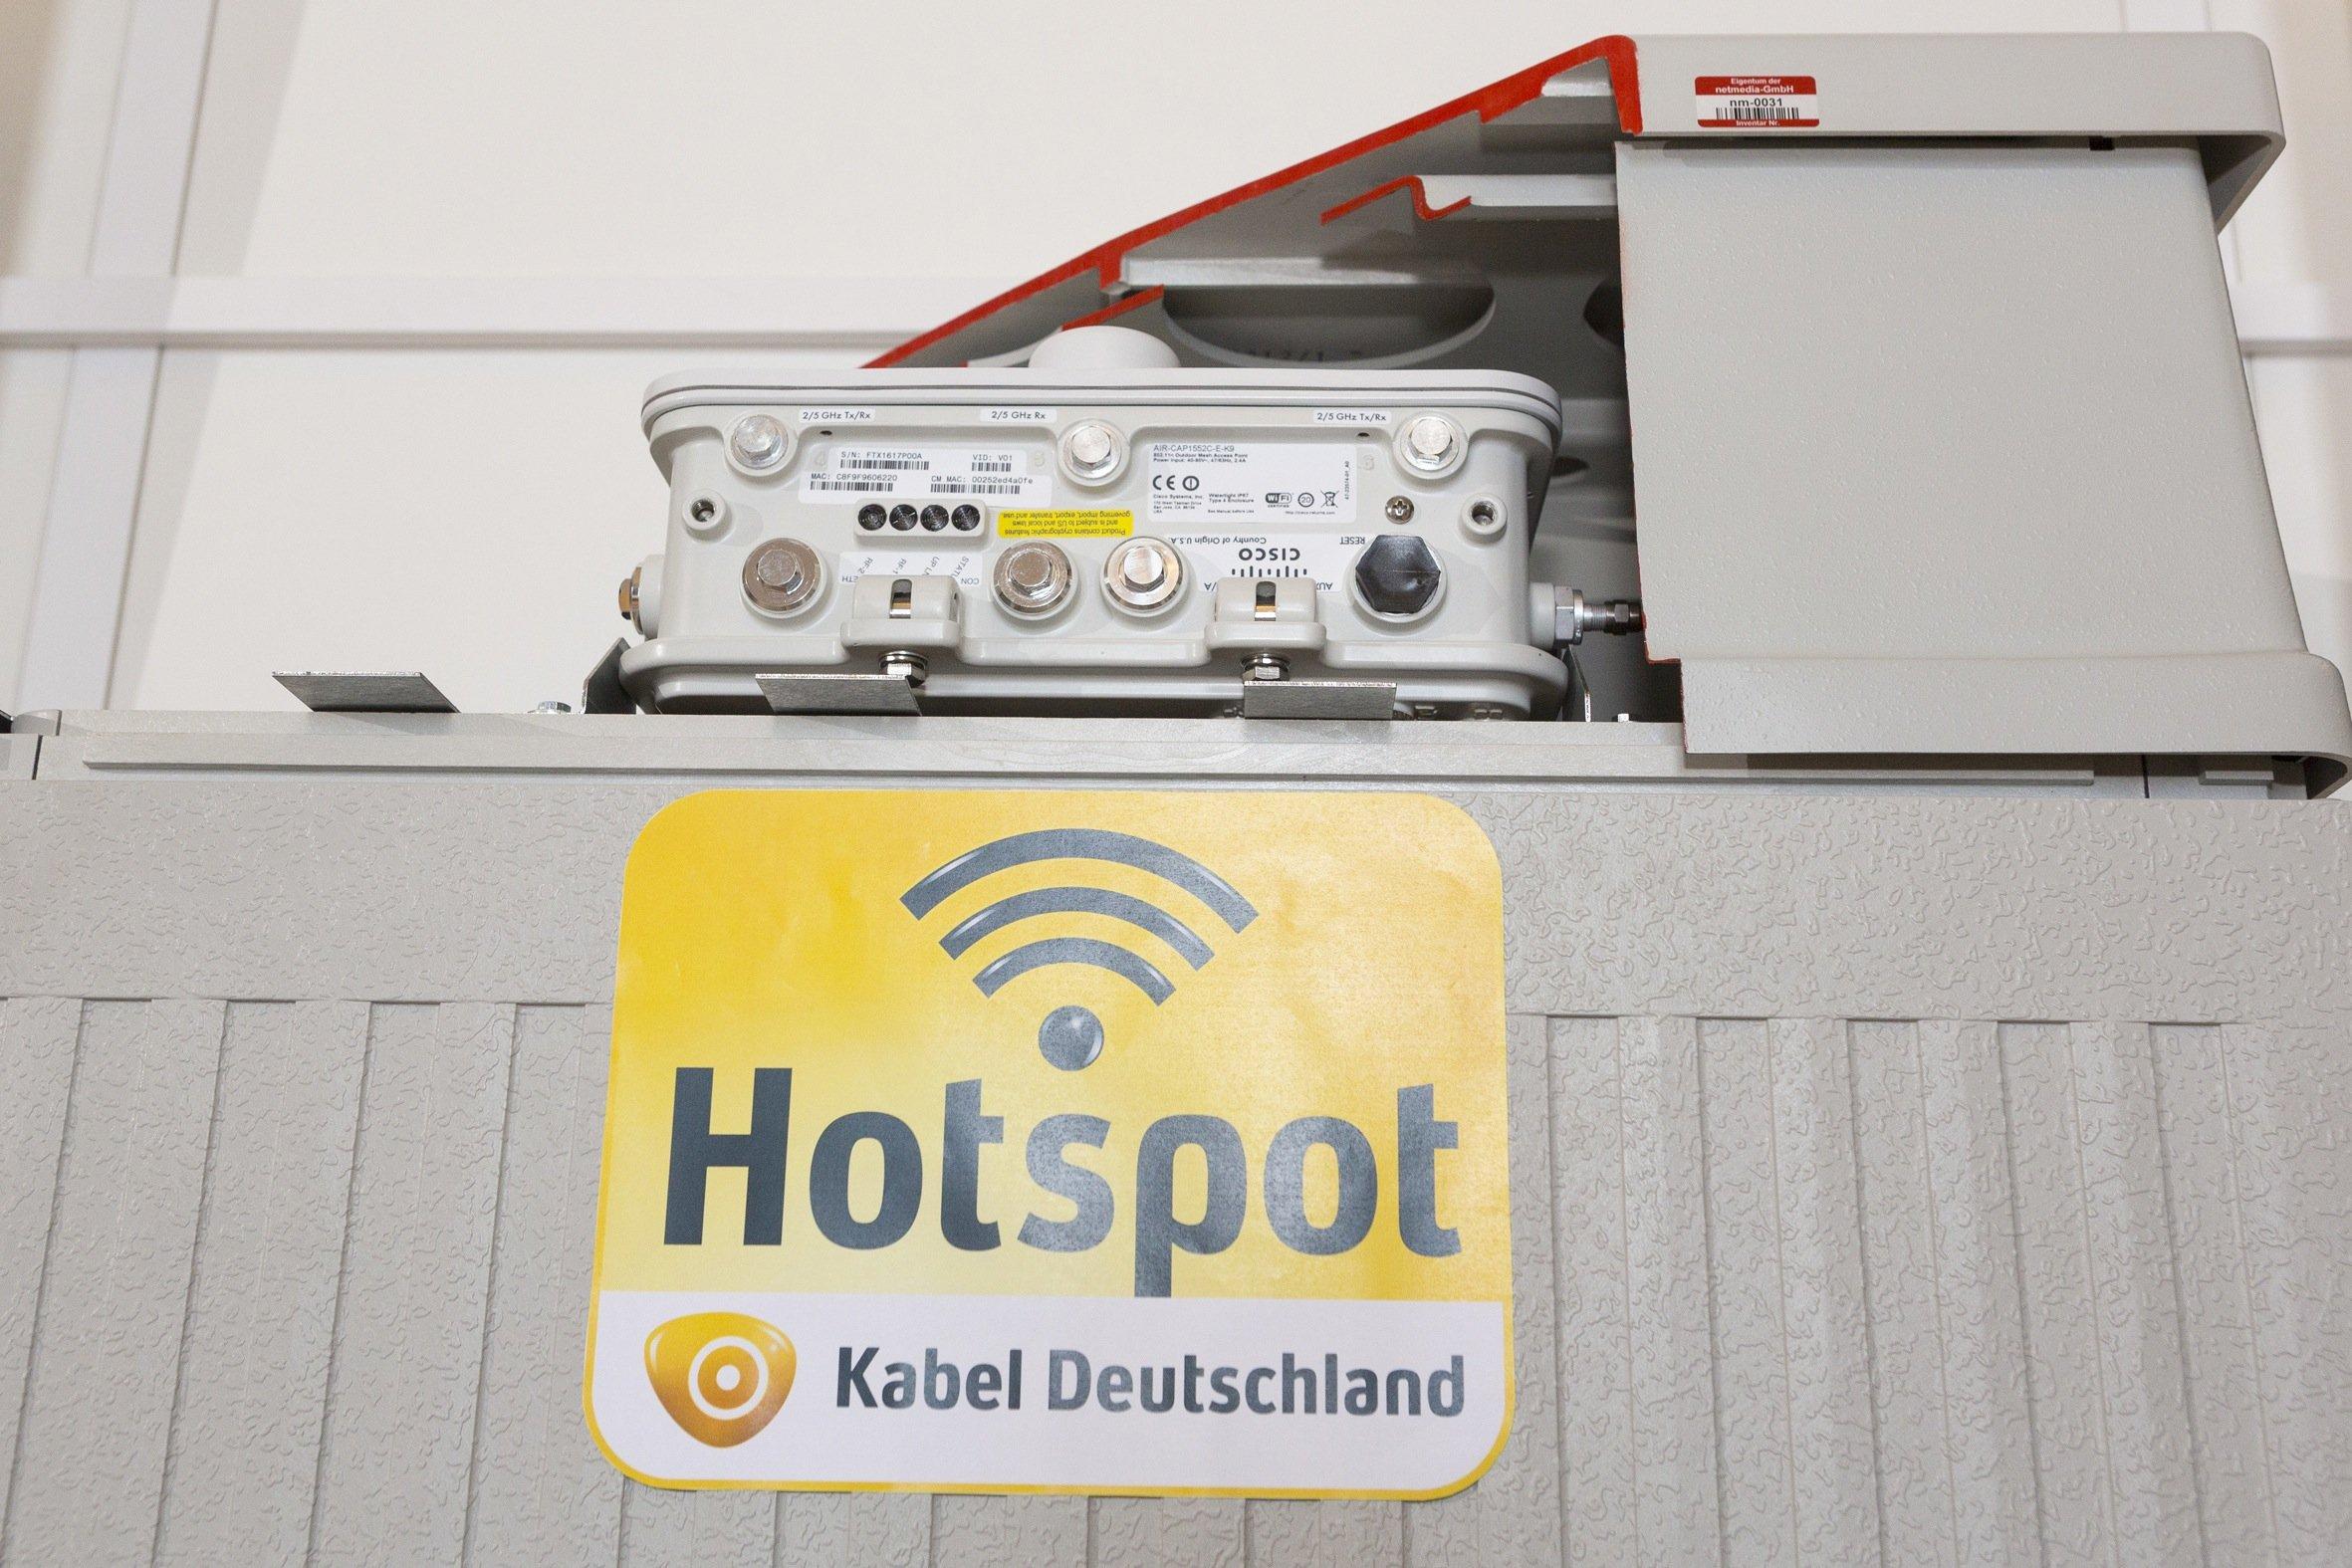 WLAN-Hotspot von Kabel Deutschland bekommen einen Aufsatz, in dem sich die Technik versteckt, um ein WLAN-Netz anzubieten, das sich bis zu 100 Meter im Umkreis erstreckt.